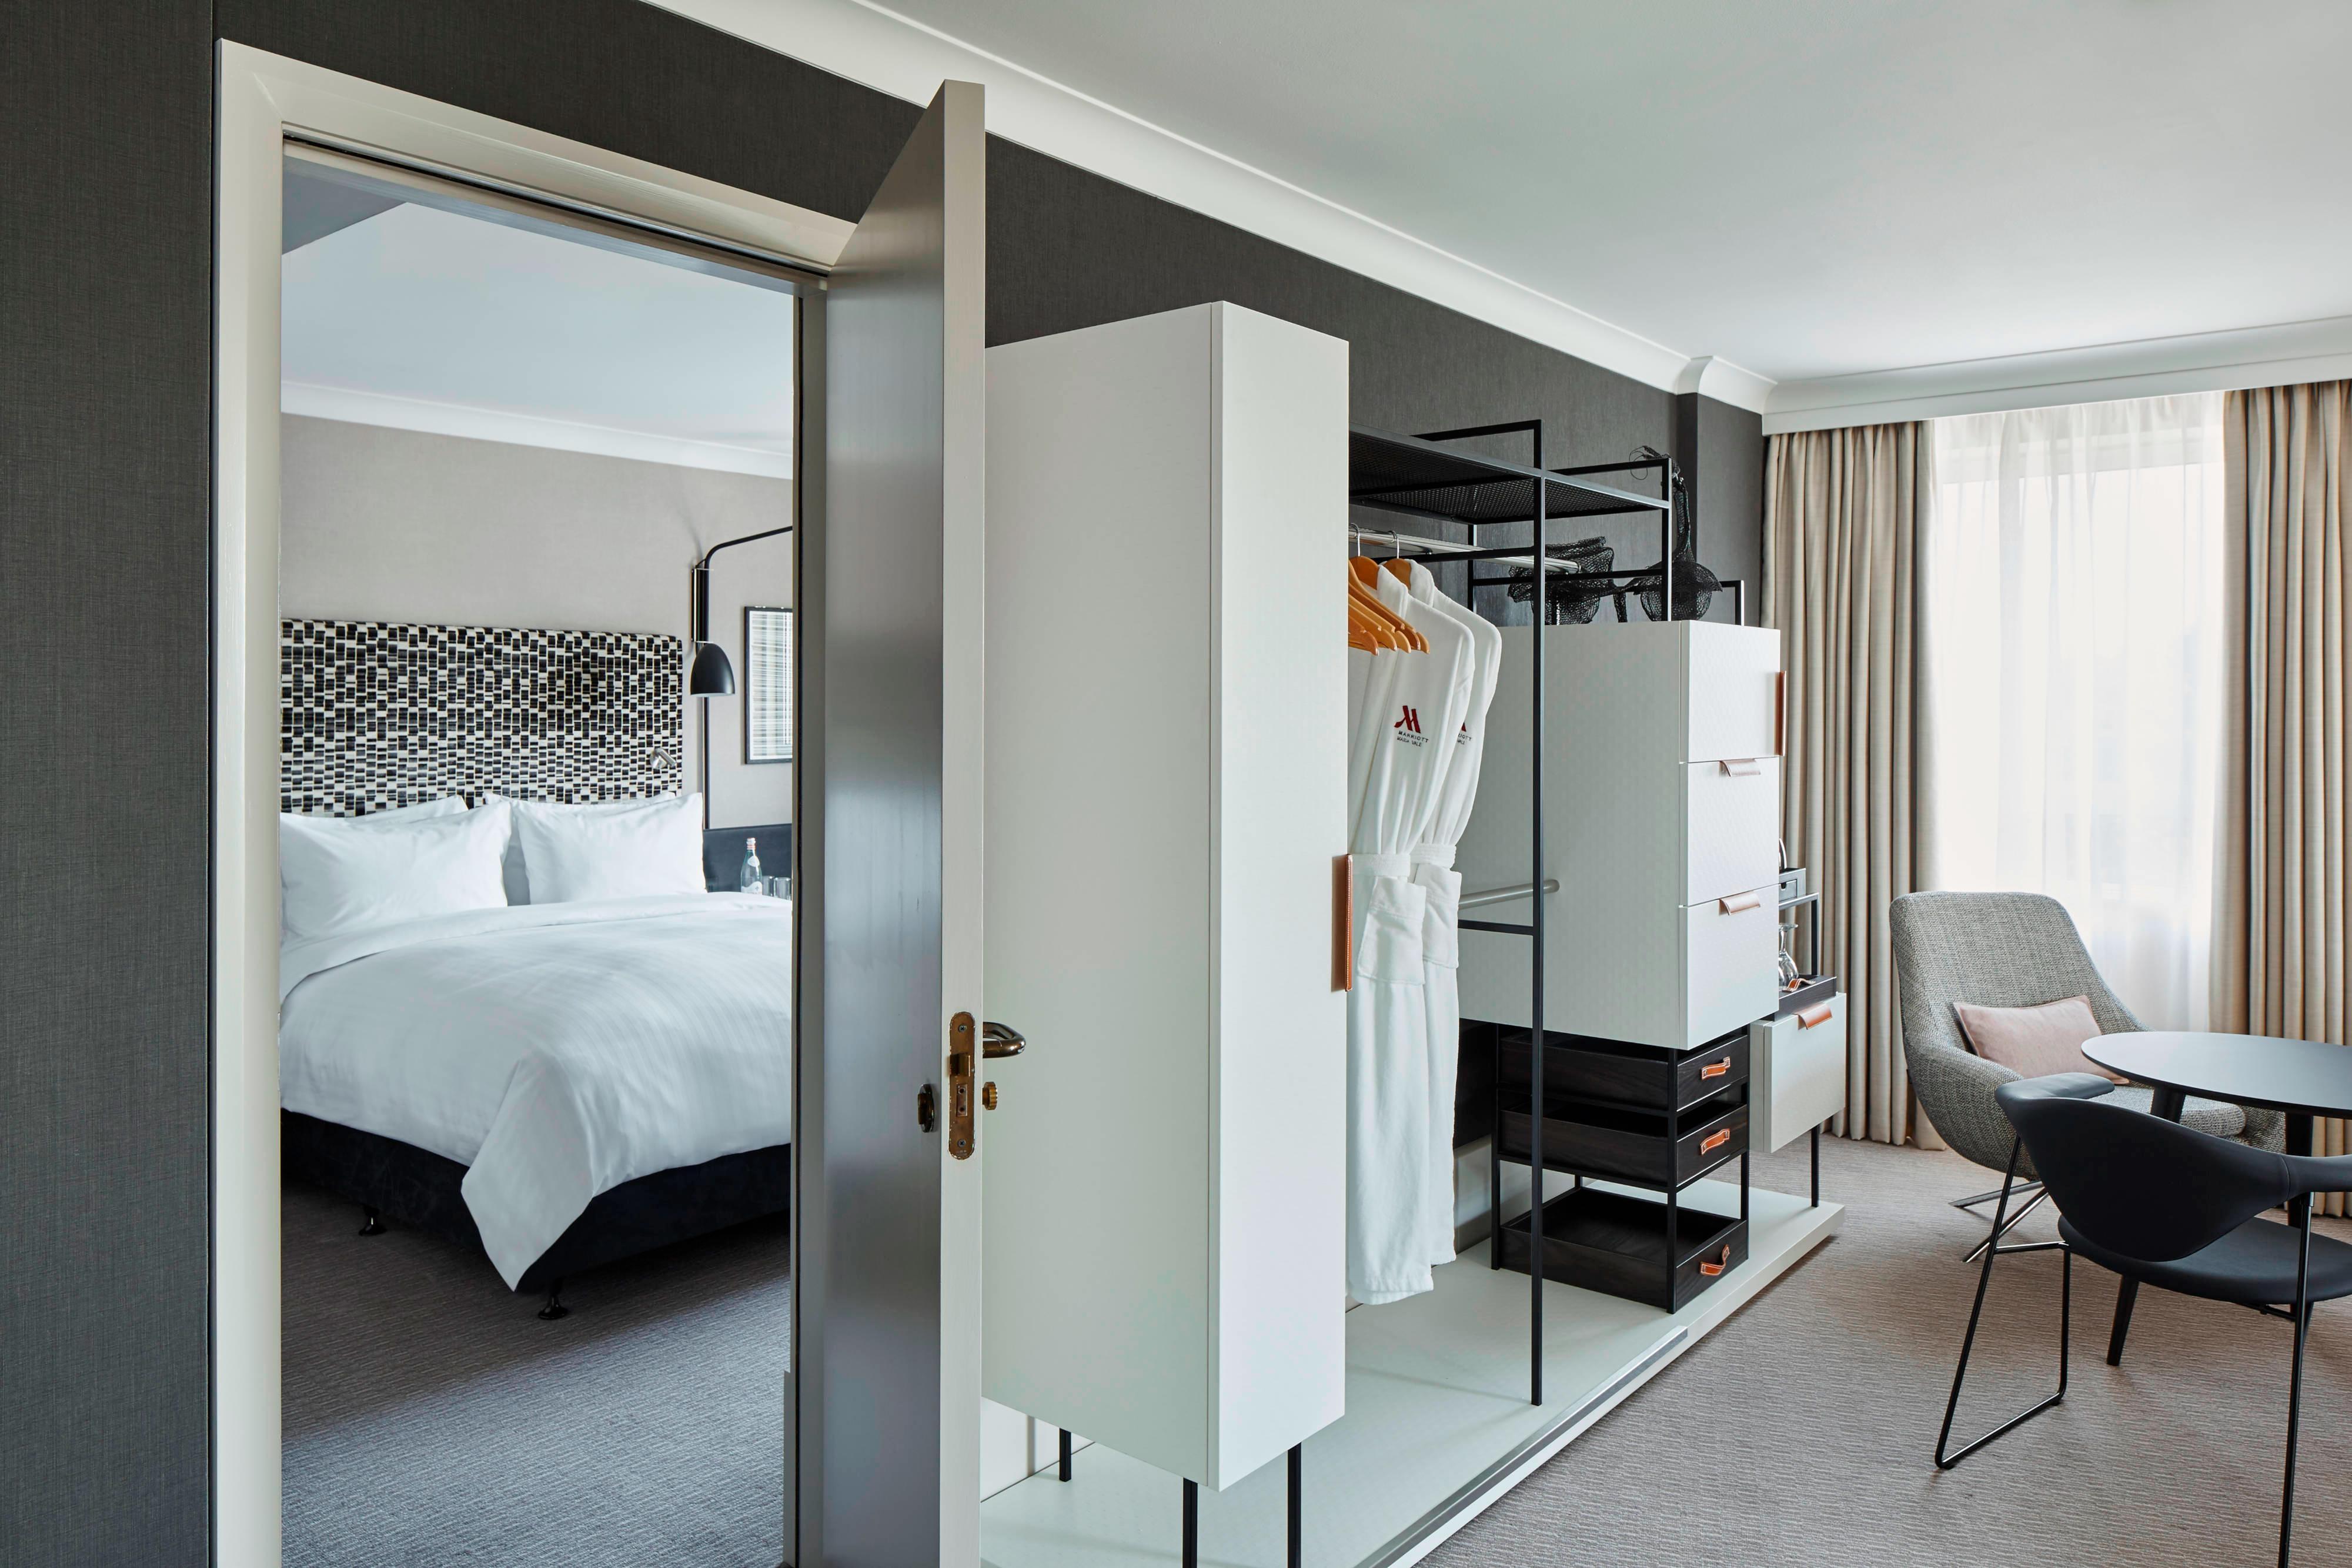 Chambres d 39 h tel du nord de londres chambres d 39 h tel du nord de londres chambres d 39 h tel - Chambre familiale londres ...